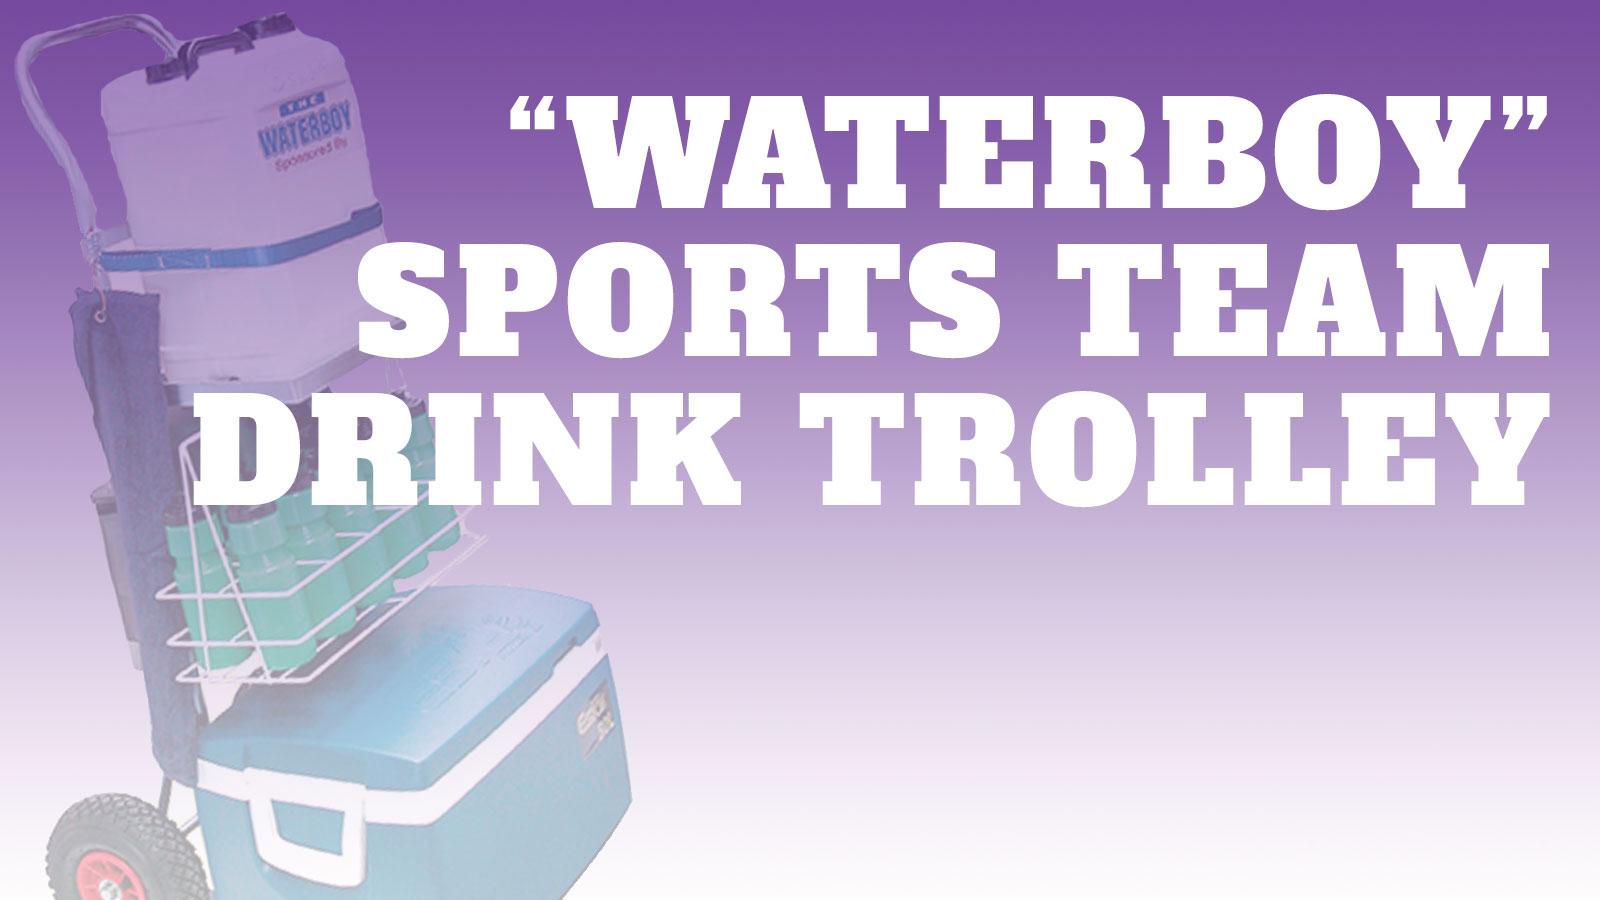 HandTruck-Waterboy